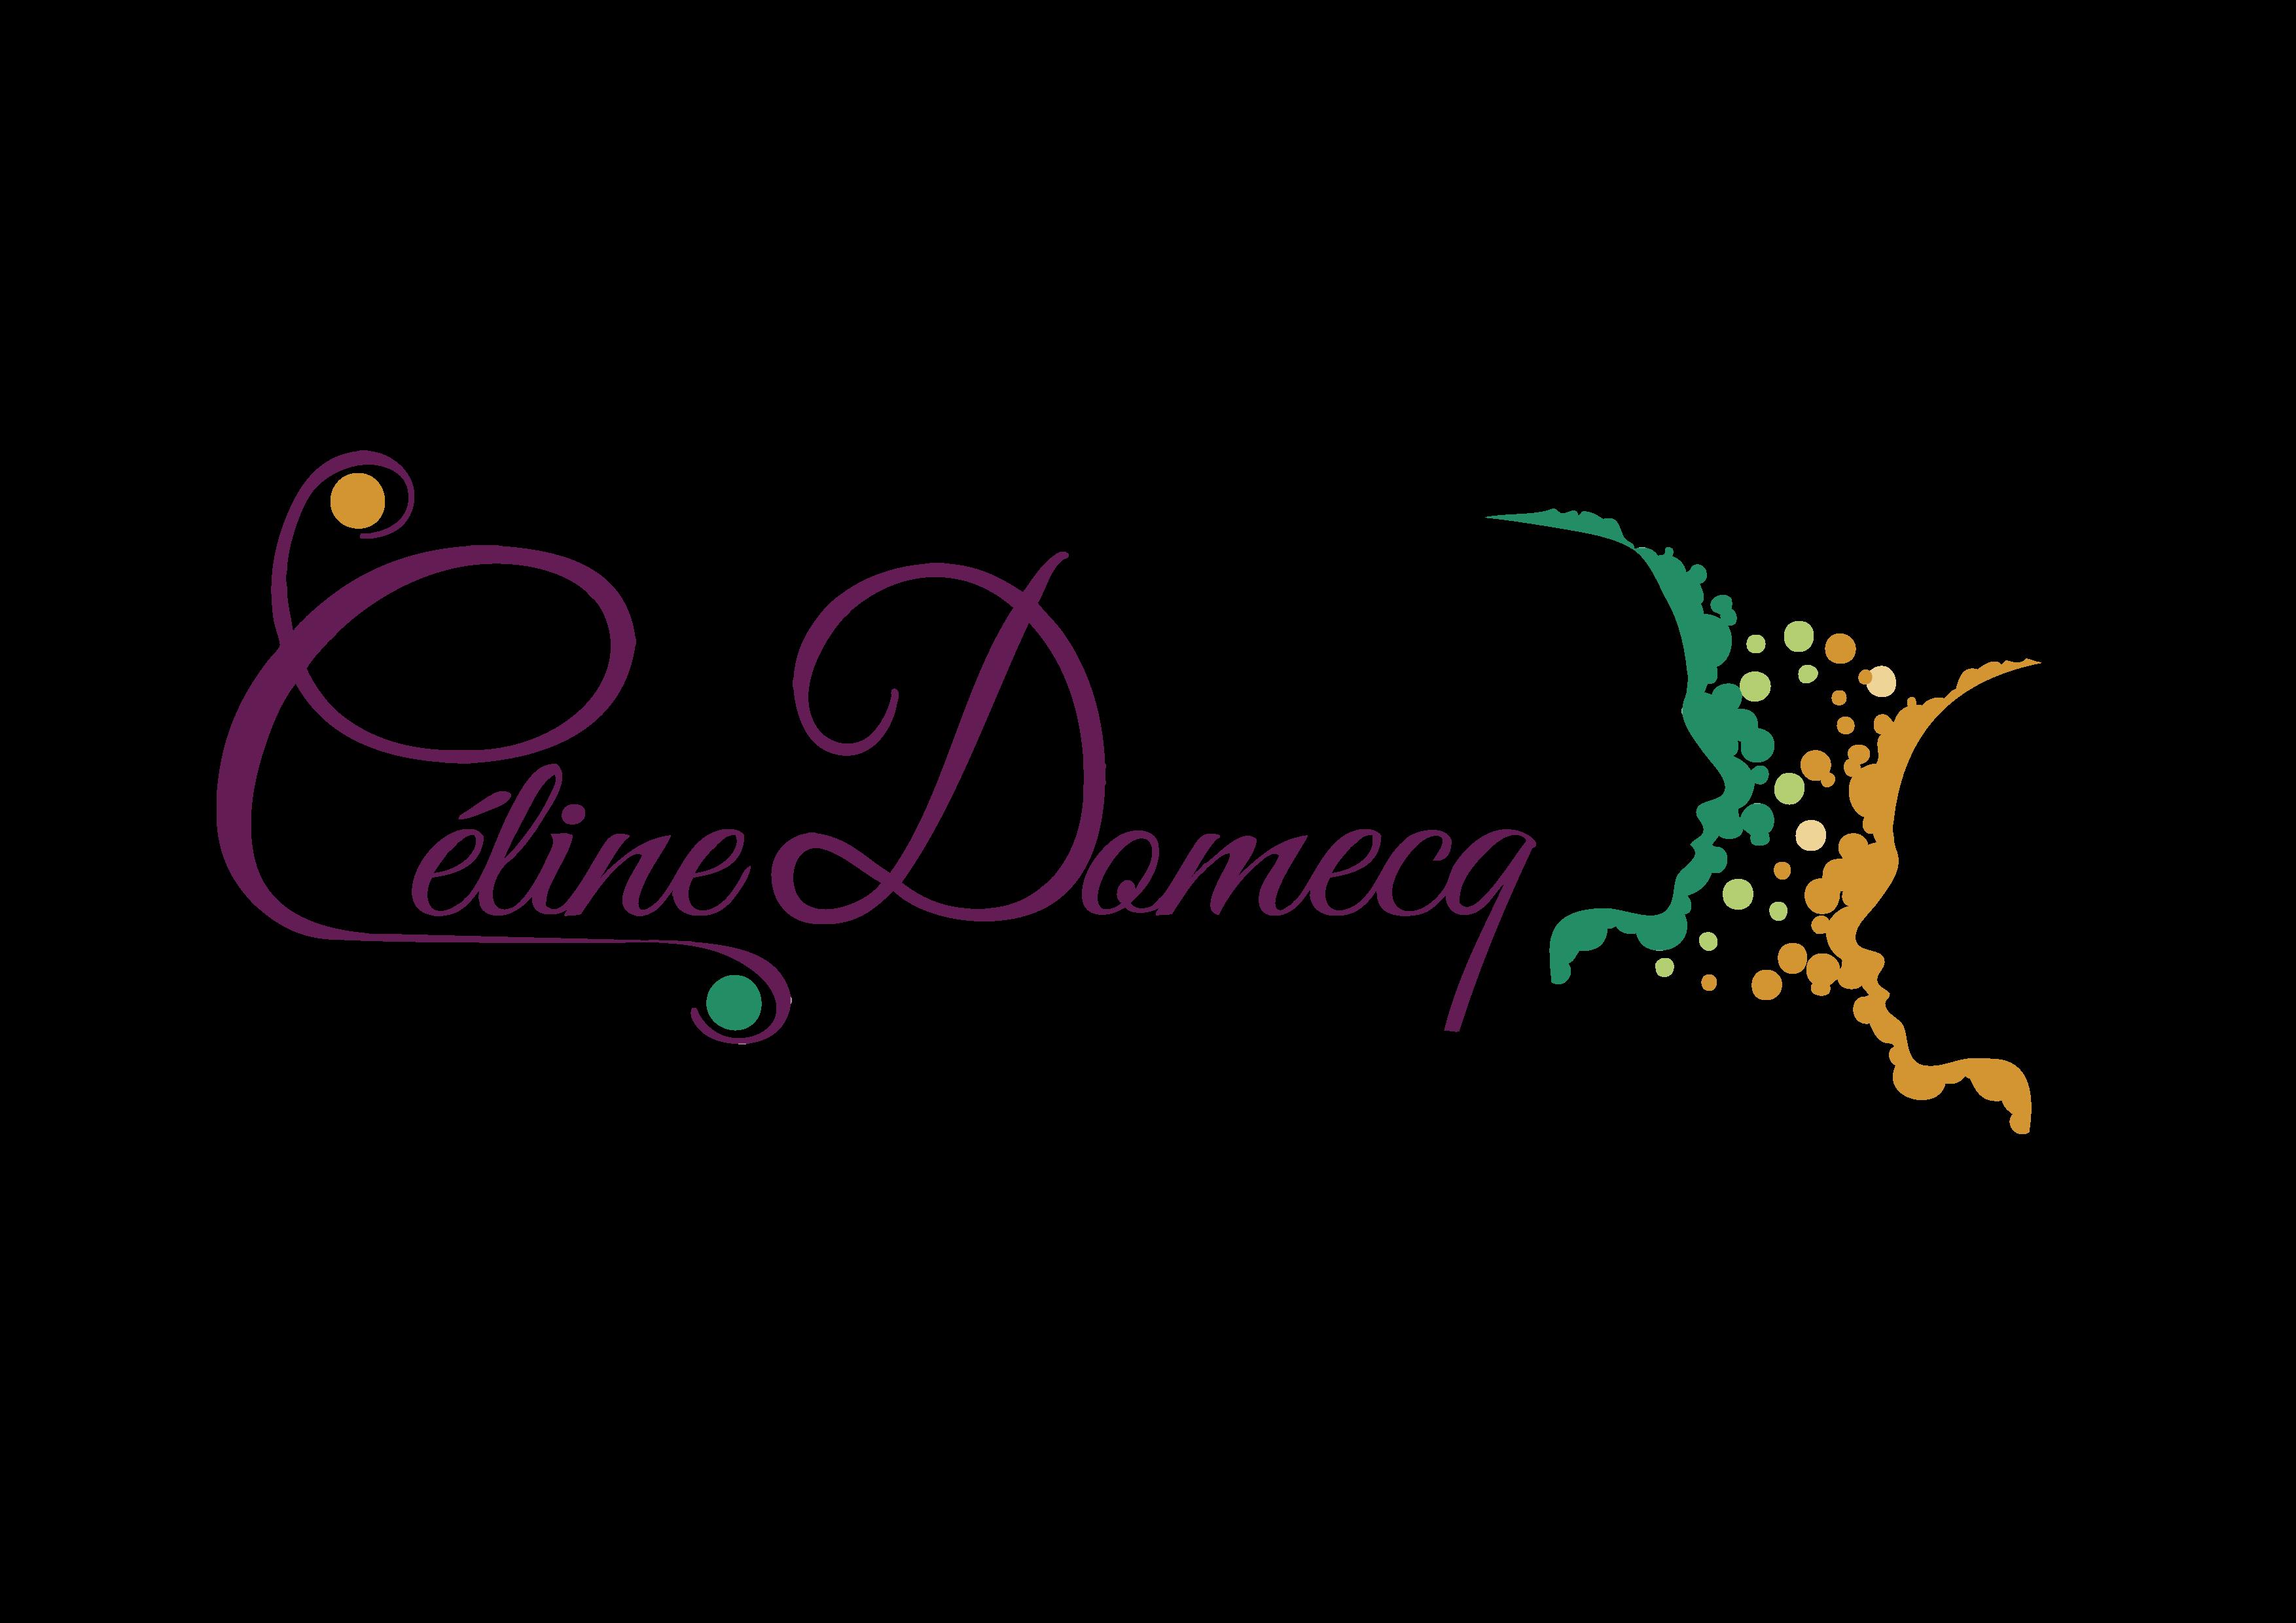 Céline Domecq, thérapeute